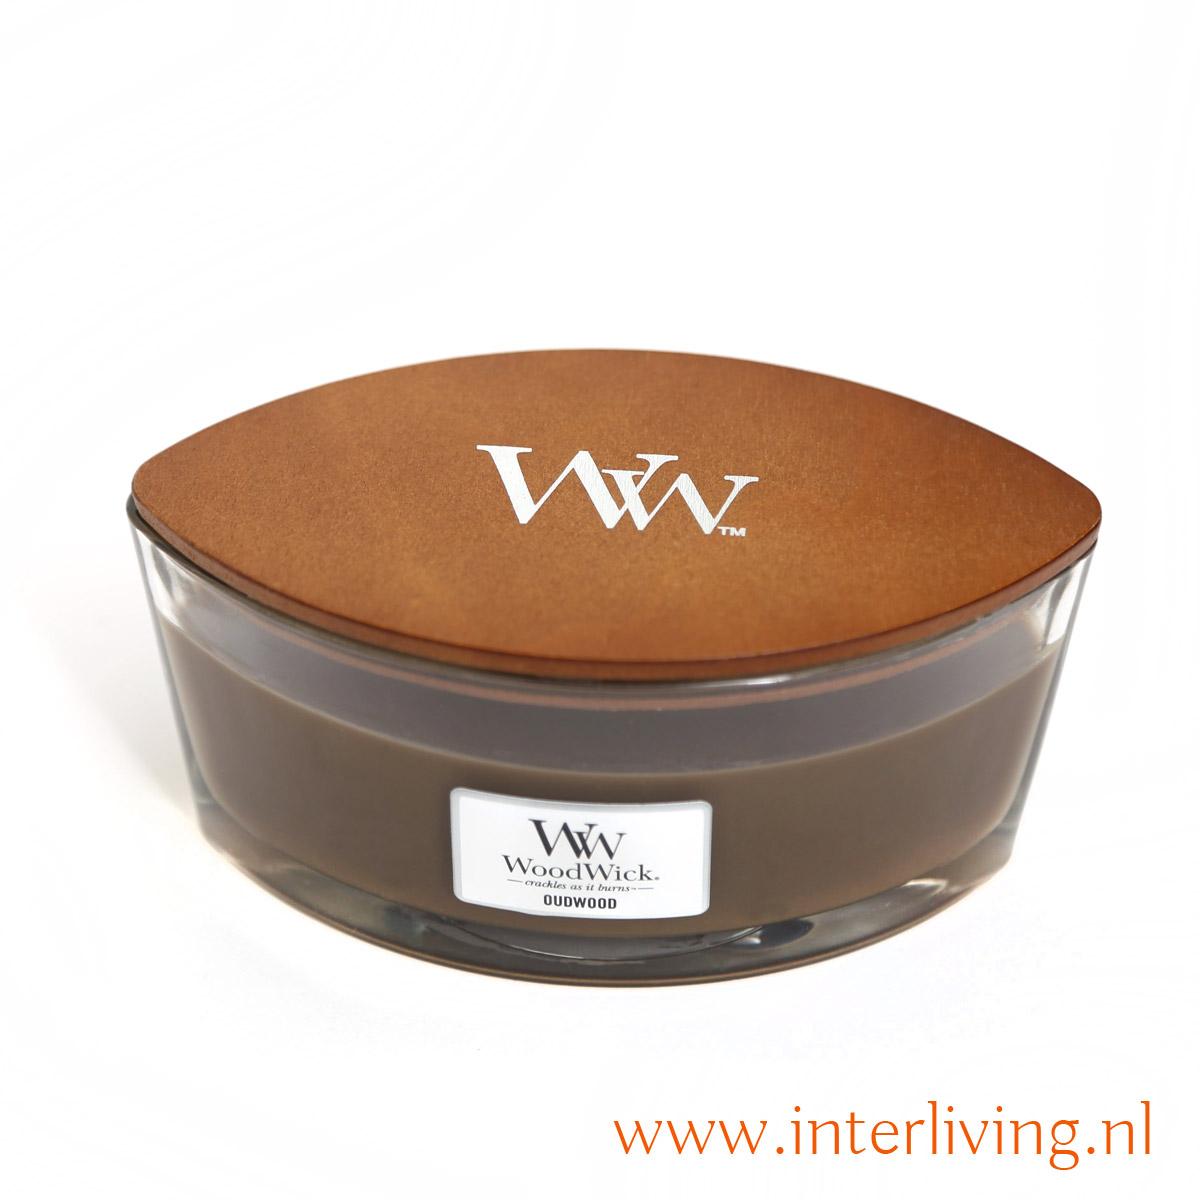 Oudwood van Woodwick is een volle aromatische geur met als basis verleidelijke amber gemengd met licht romige vanille met een ondertoon van wat wierook.